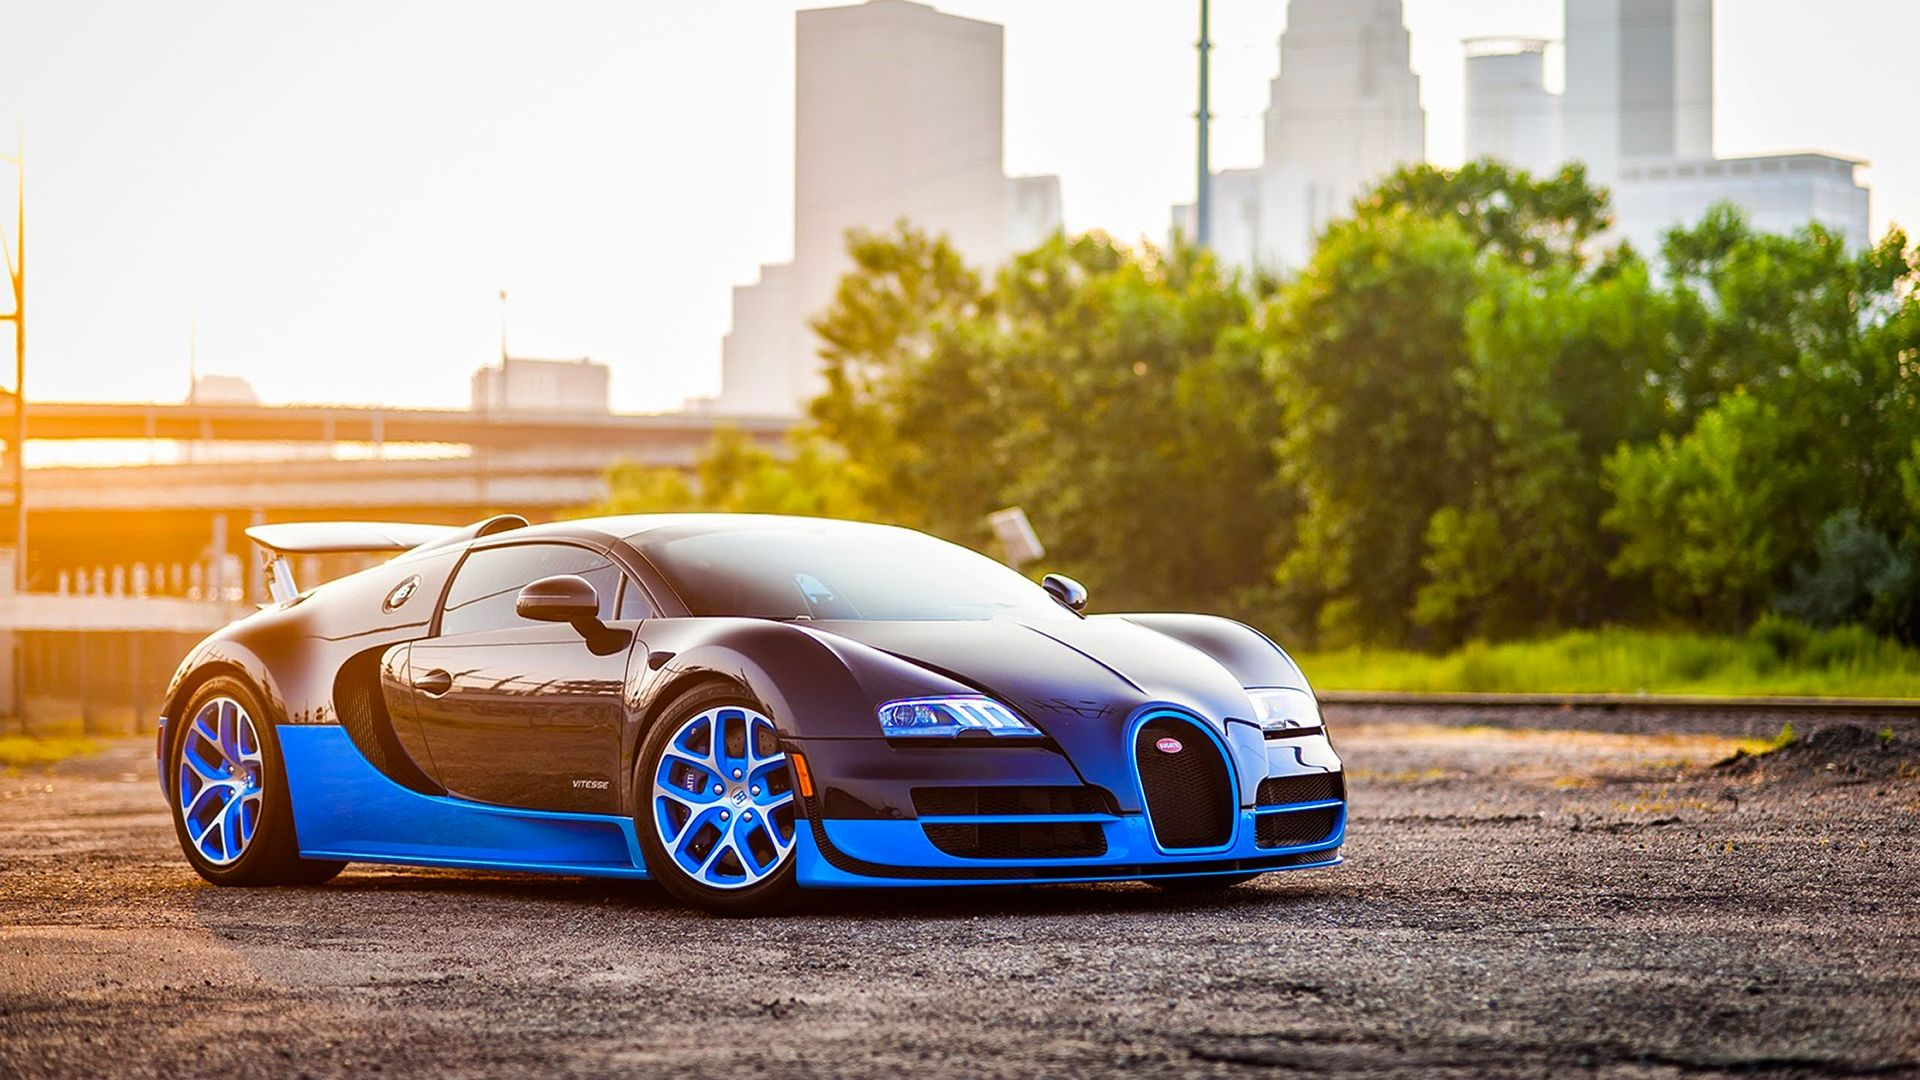 Full Hd 1080p Bugatti Wallpapers Hd Desktop Backgrounds 1920x1080 Bugatti Wallpapers Bugatti Veyron Bugatti